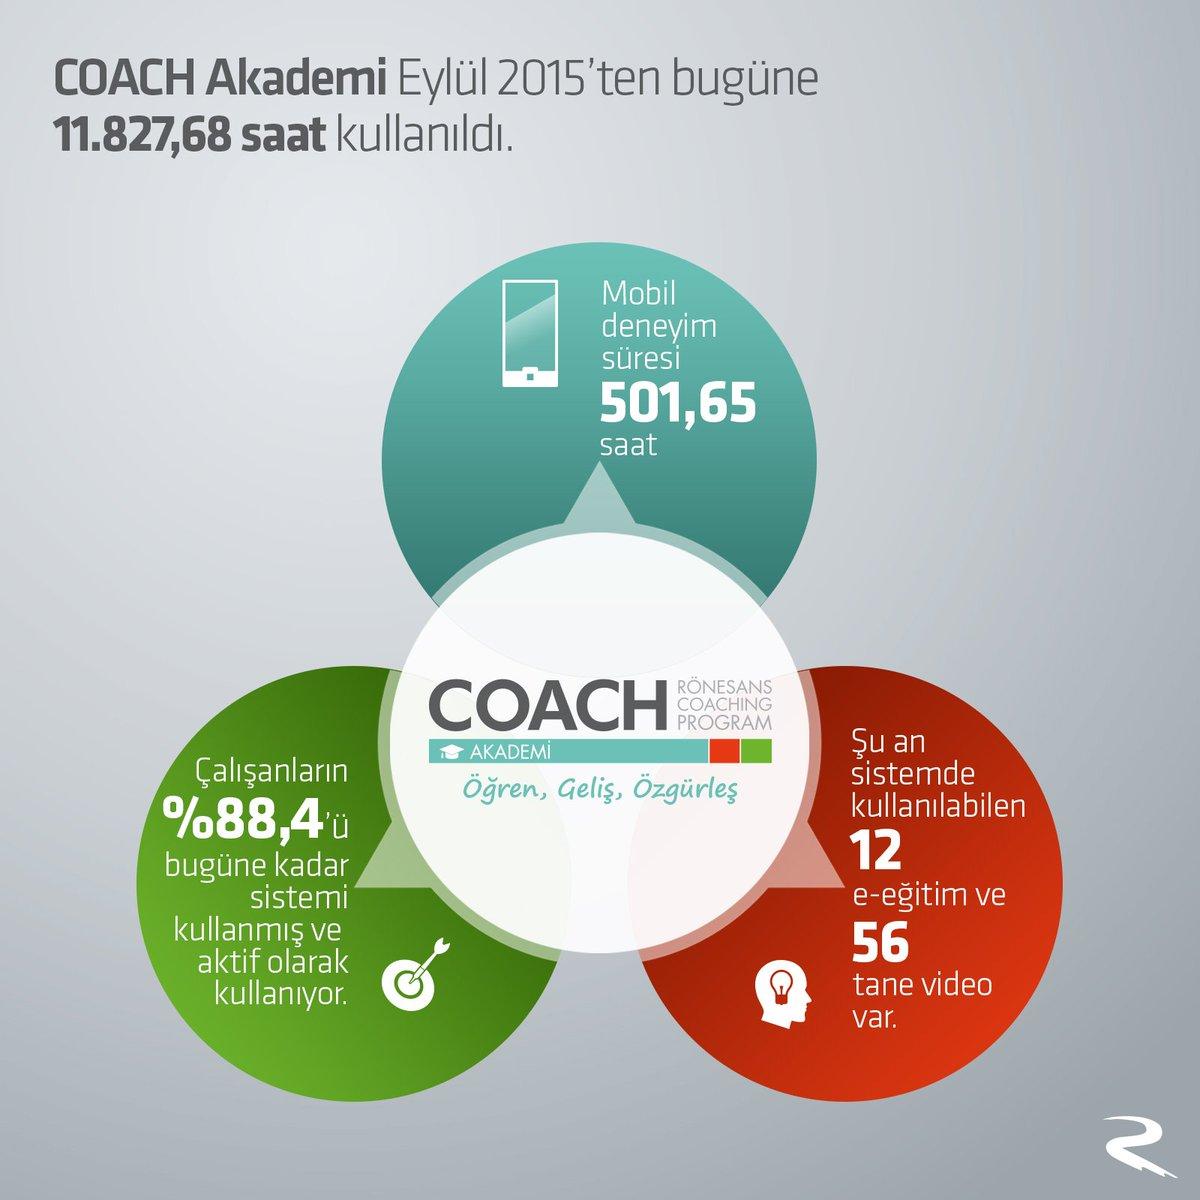 Rönesans Holding On Twitter Coach Akademi Online öğrenme Platformu